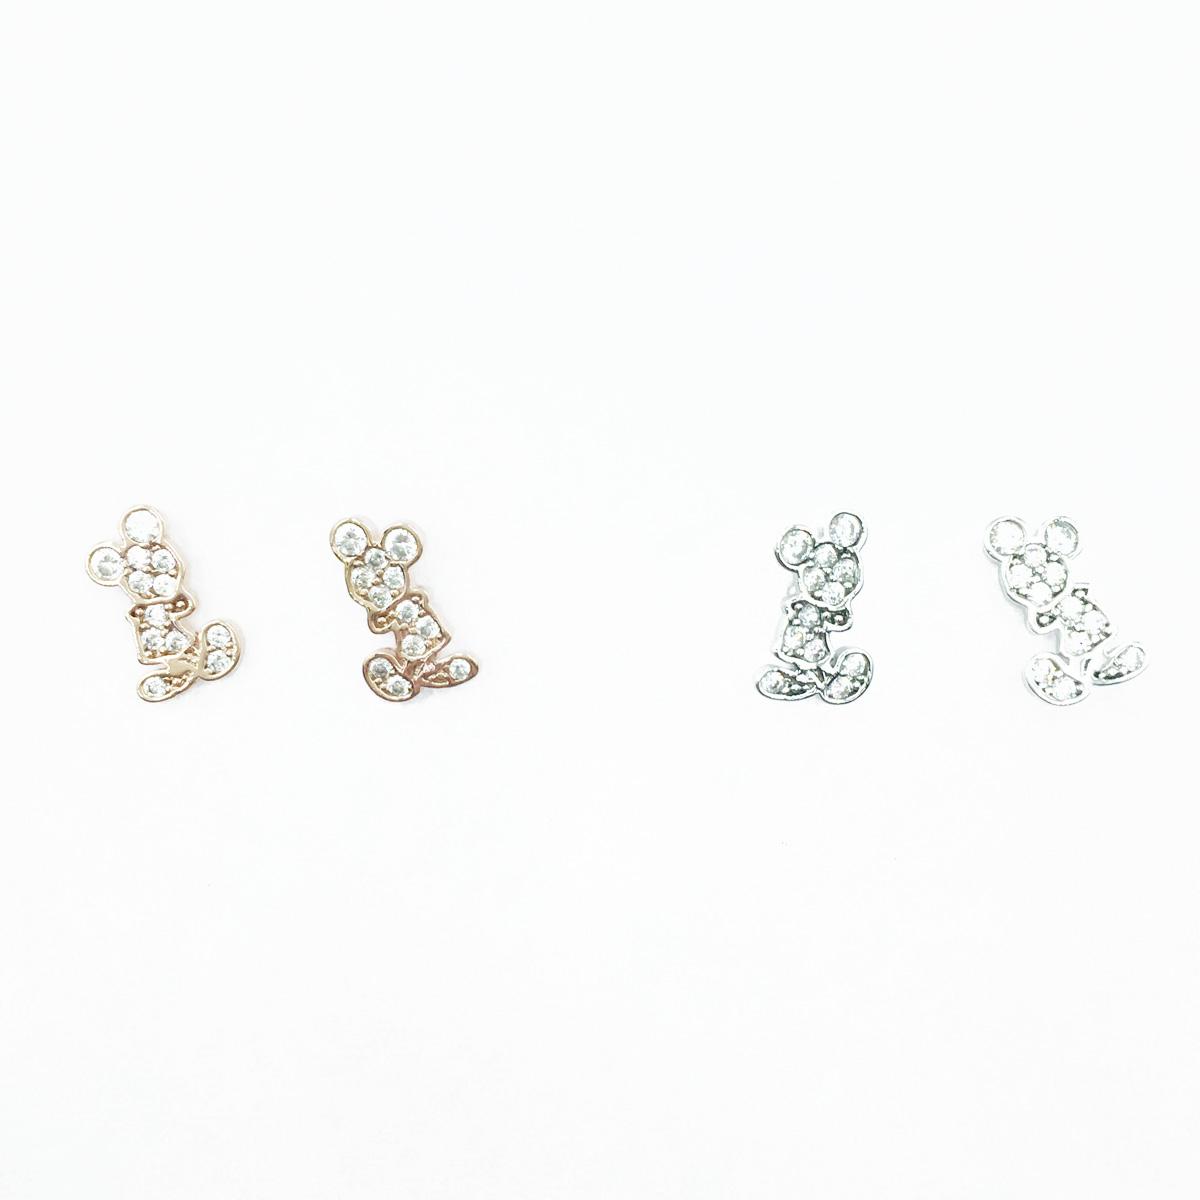 韓國 925純銀 迪士尼 米奇 水鑽滿版 影 2色 耳針式耳環